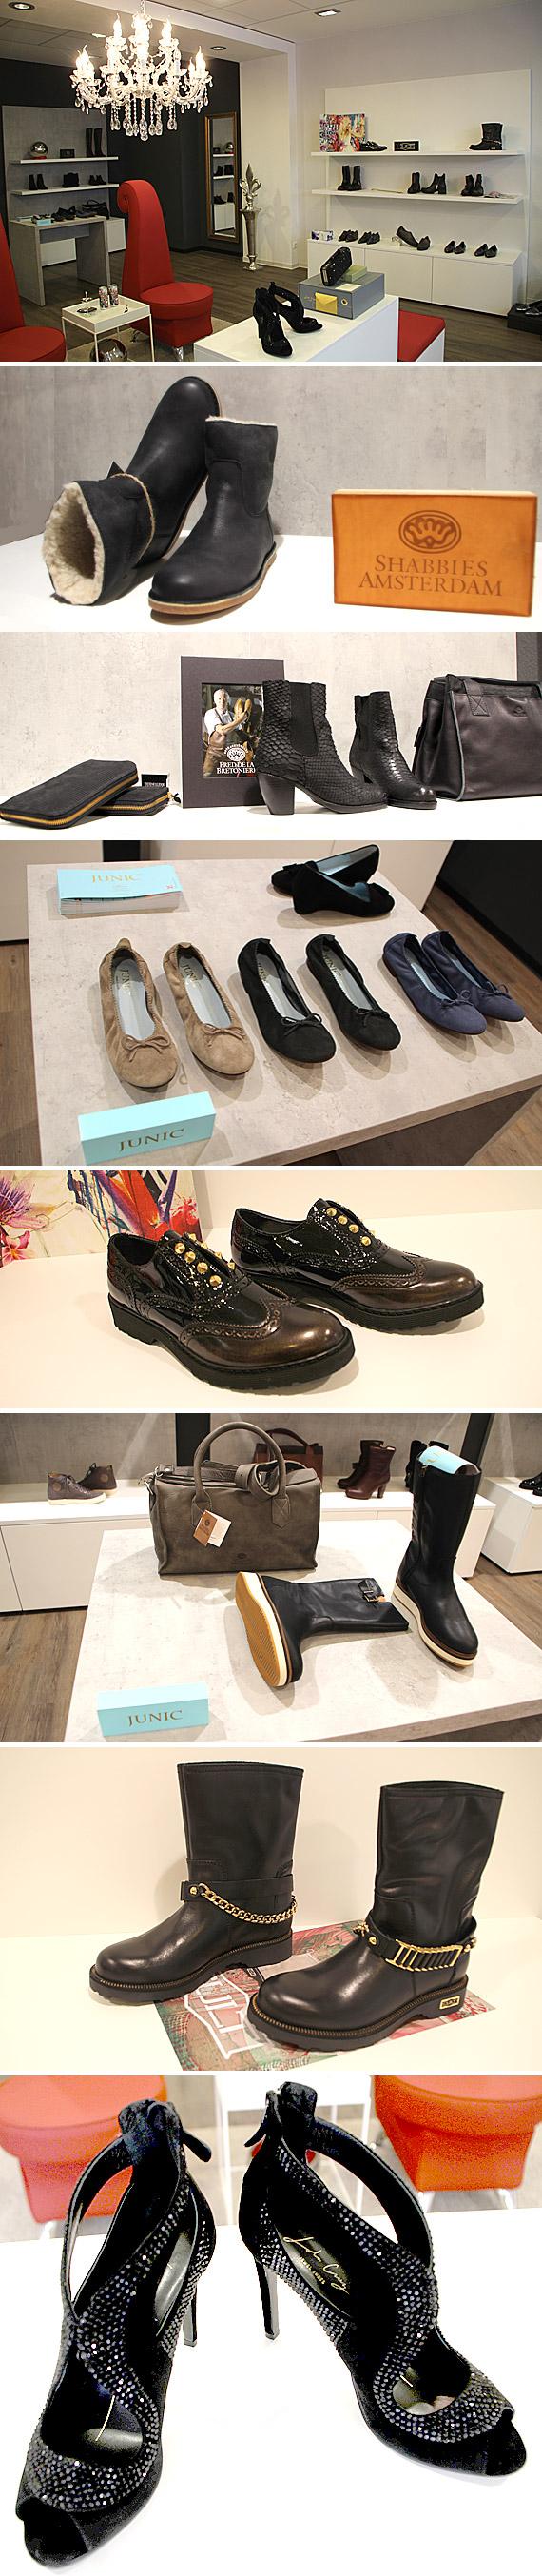 """""""Alle Schuhe sind tragbar, komfortabel und bezahlbar, aber auch ihren Preis wert"""", sagt Sabine Schrewe"""